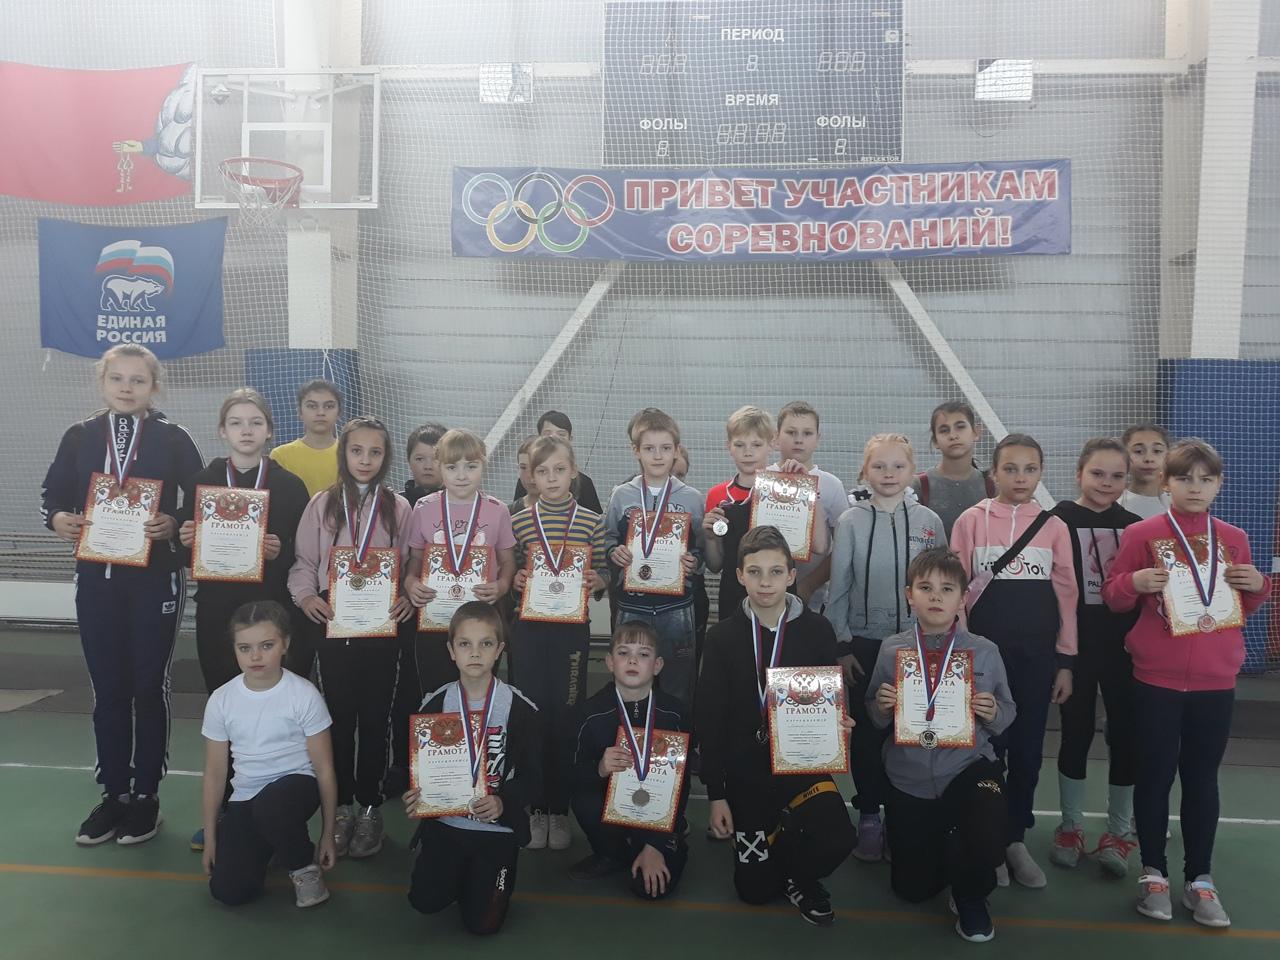 В Петровске наградили победителей спортивных соревнований